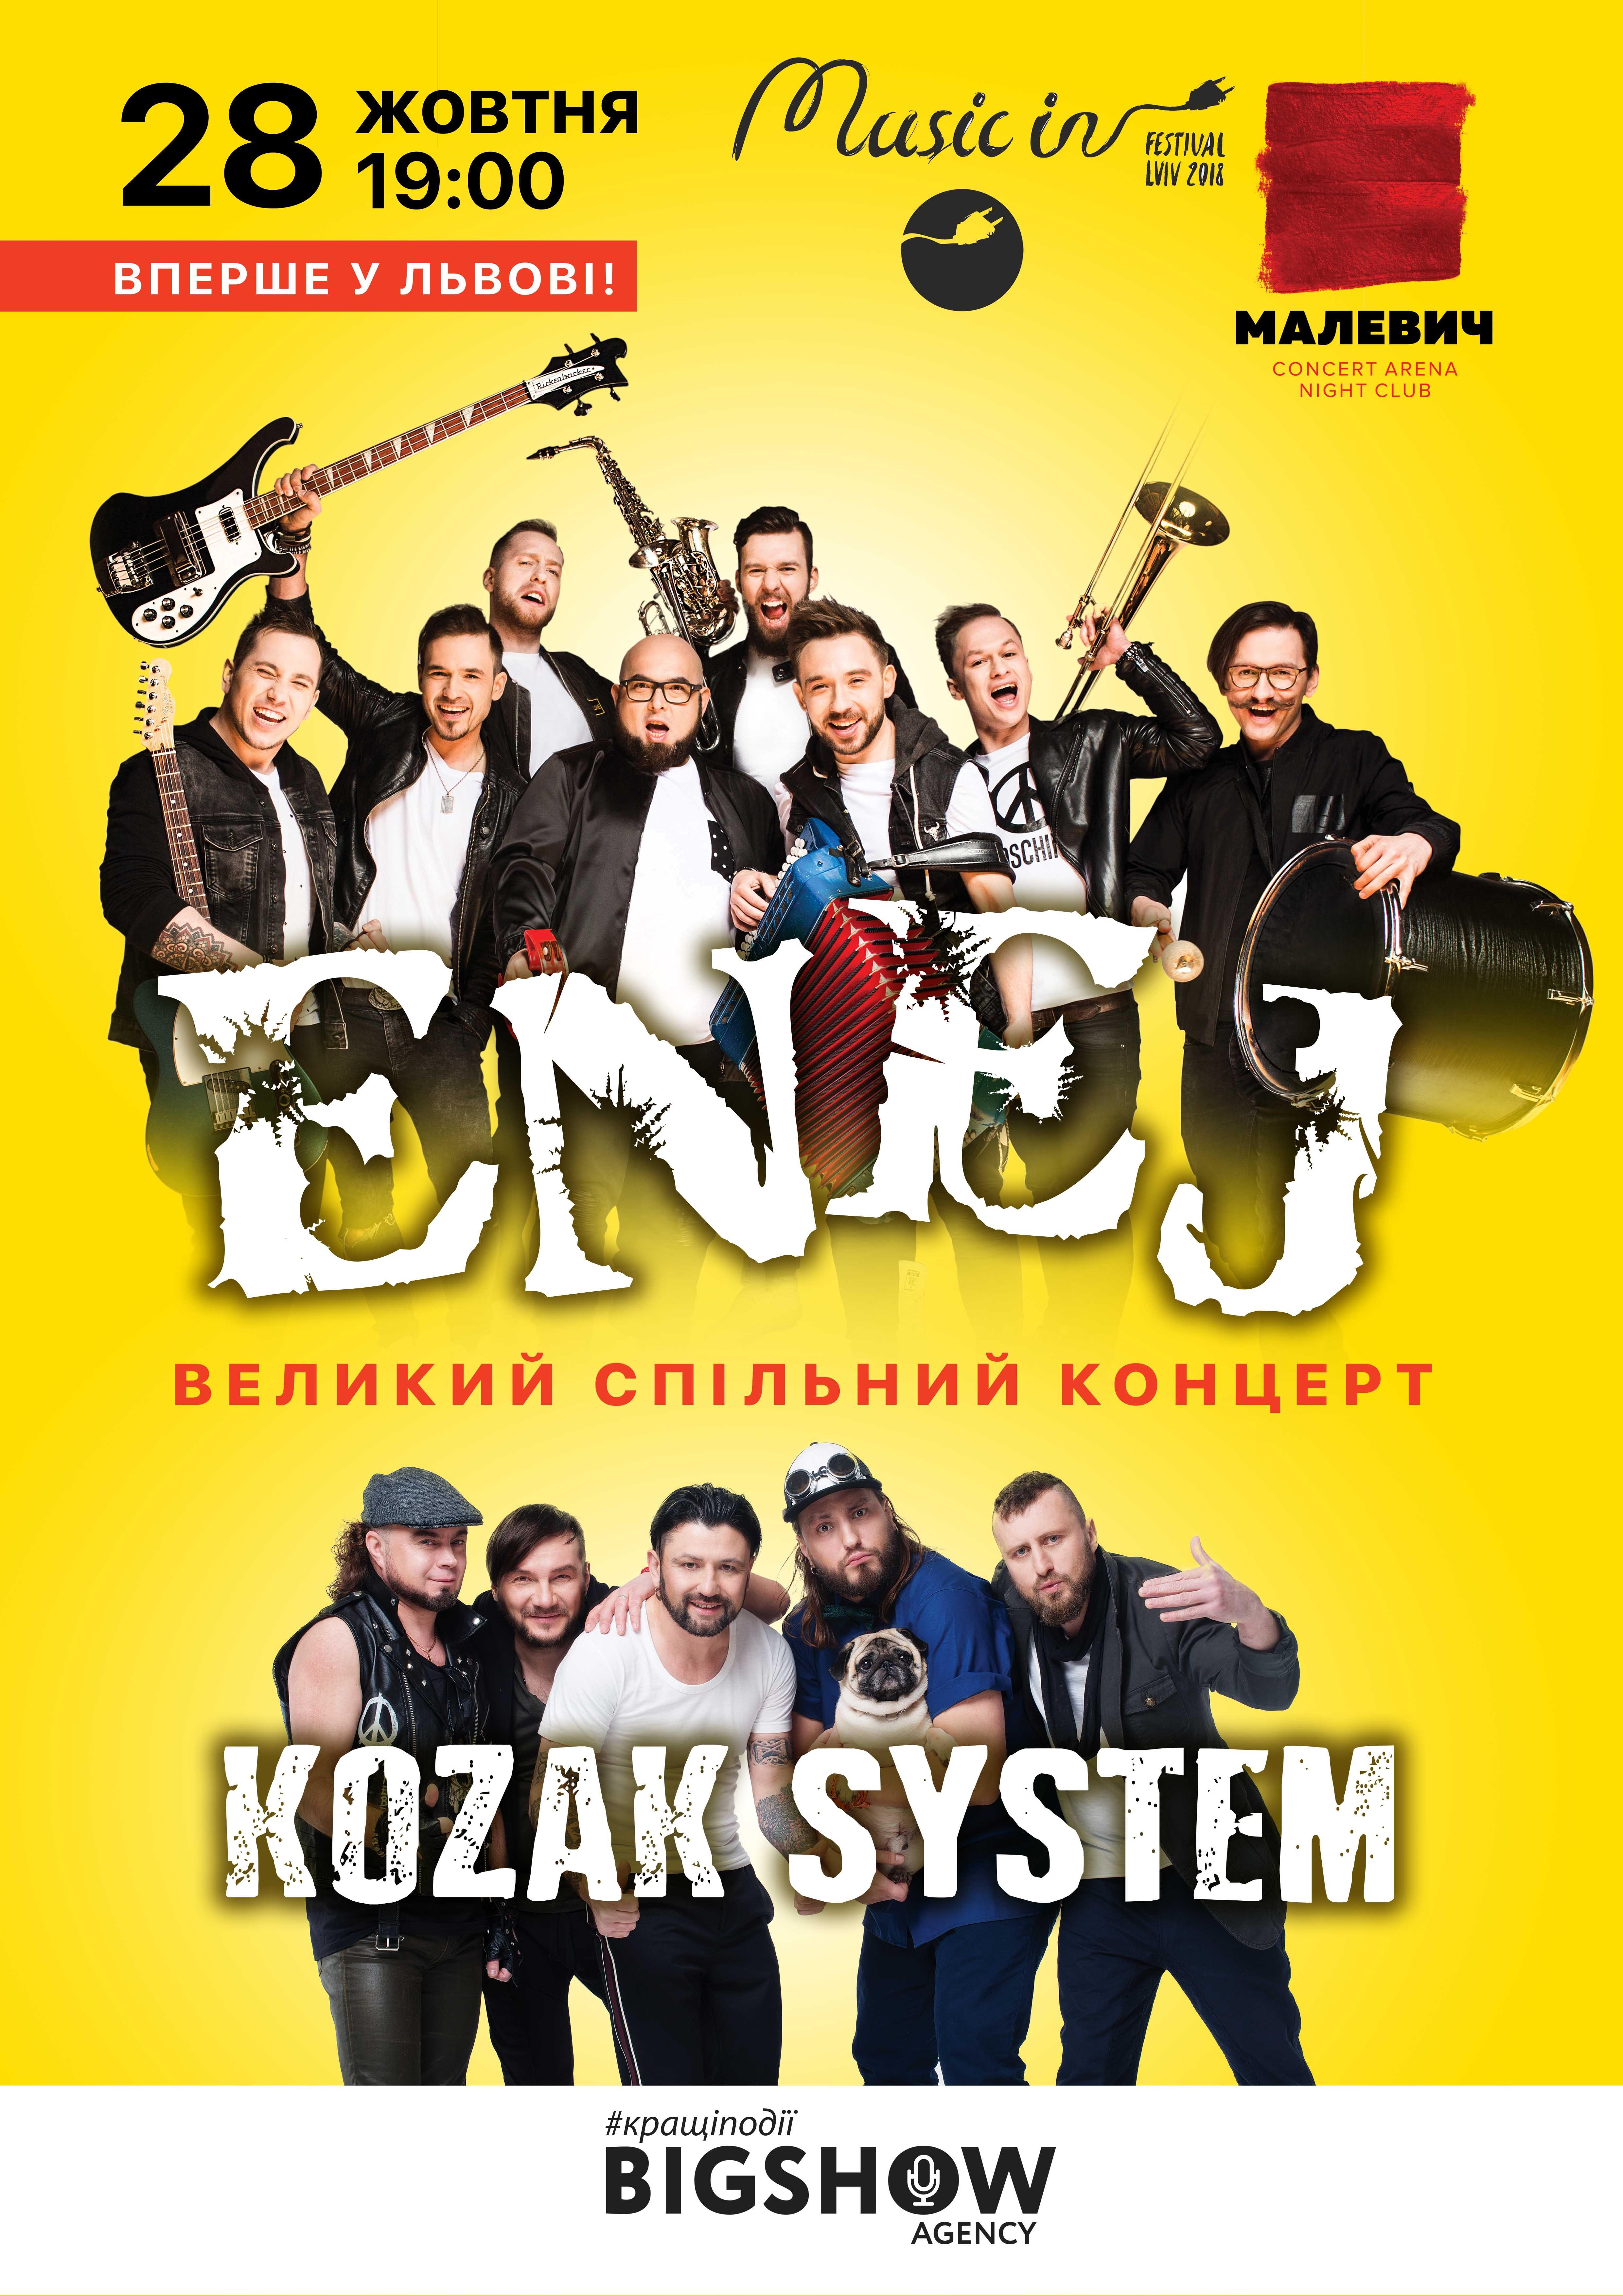 Билеты ENEJ & KOZAK SYSTEM